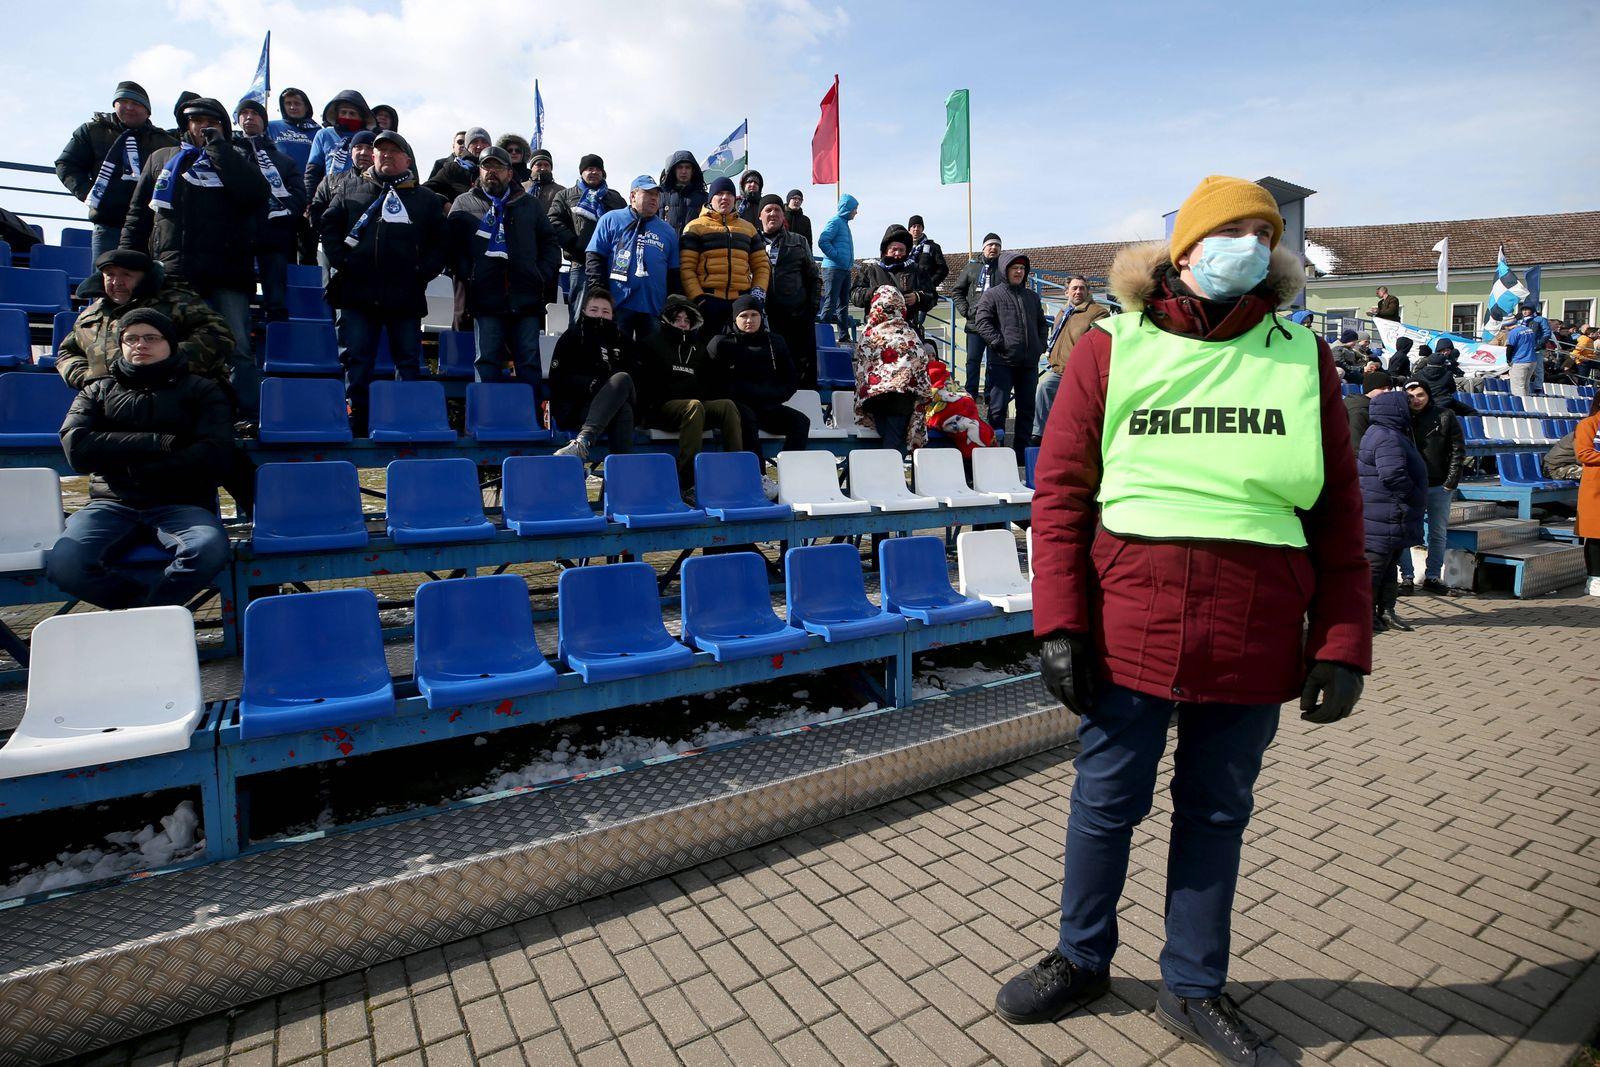 MINSK REGION, BELARUS - MARCH 22, 2020: Fans watch a 2020 Belarusian Football Cup match between FC Slutsk and Slavia Ma